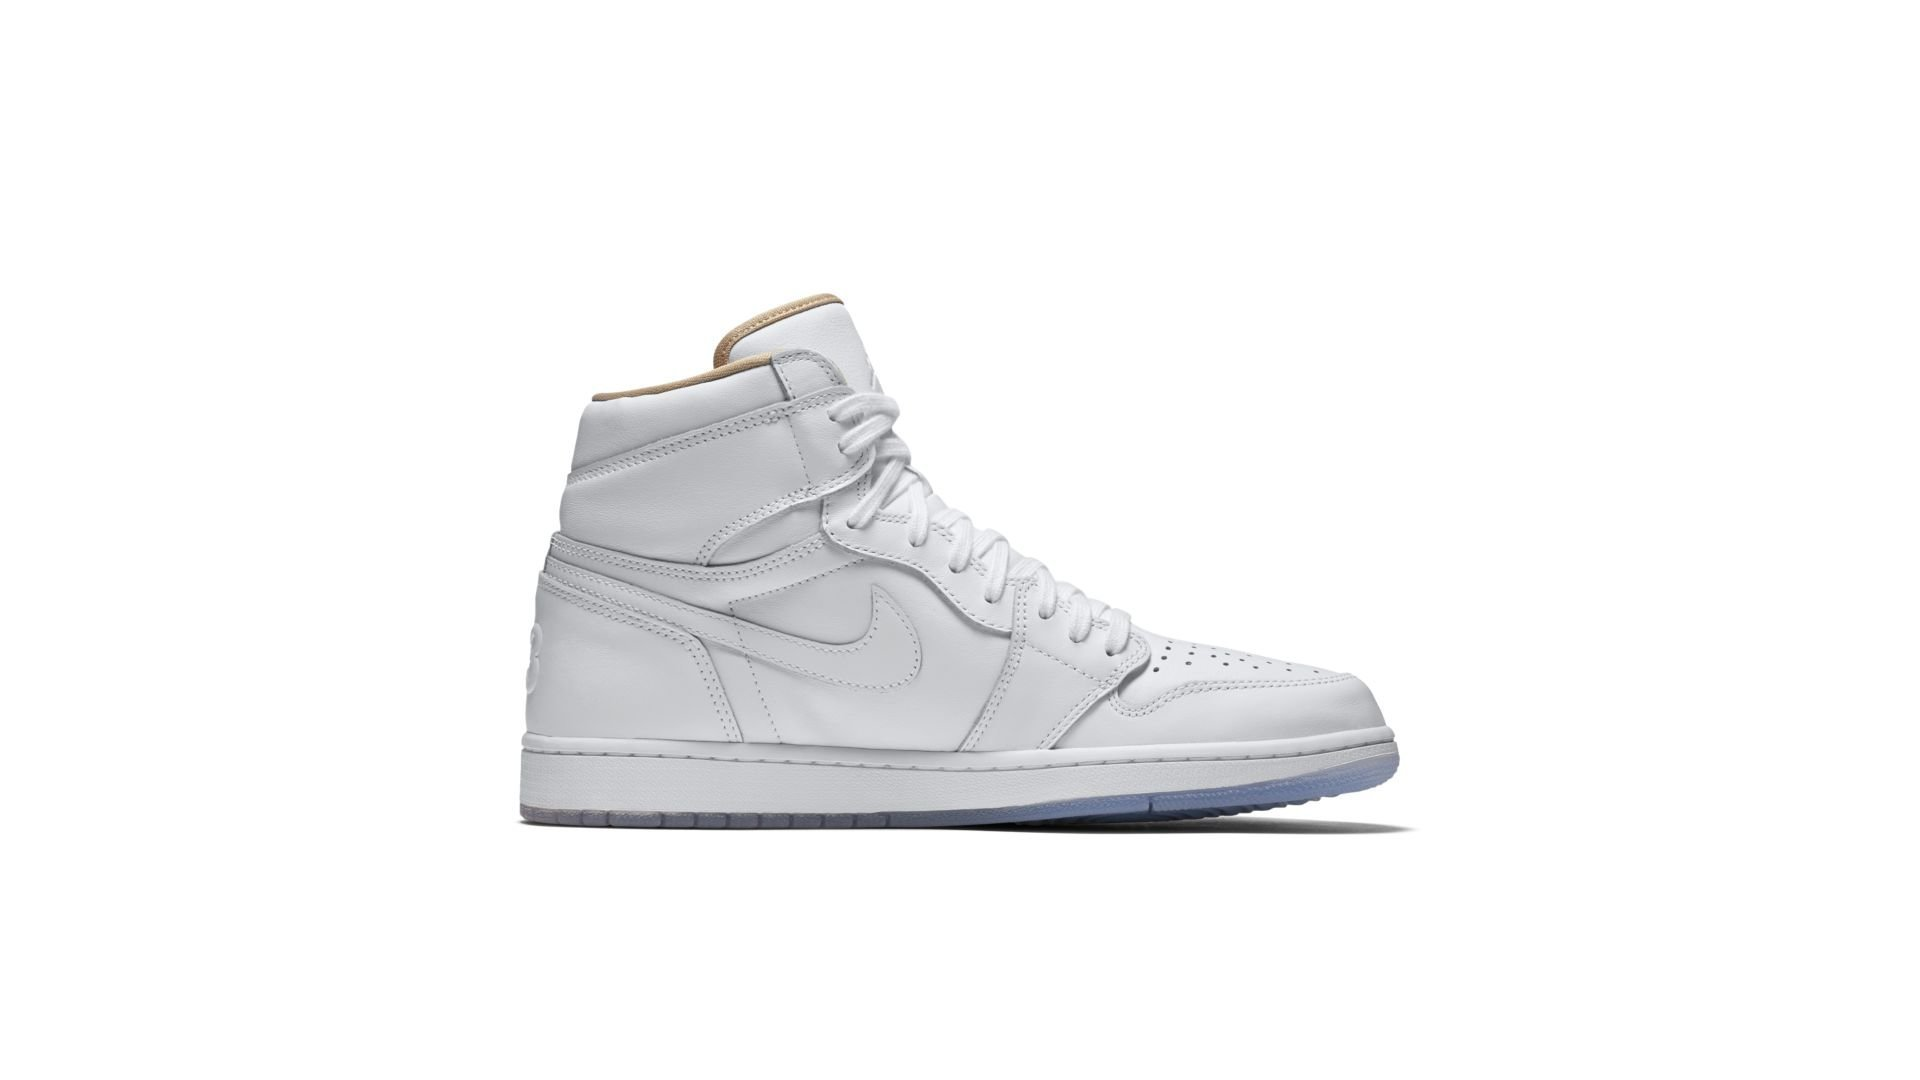 Jordan 1 Retro LA (819012-130)